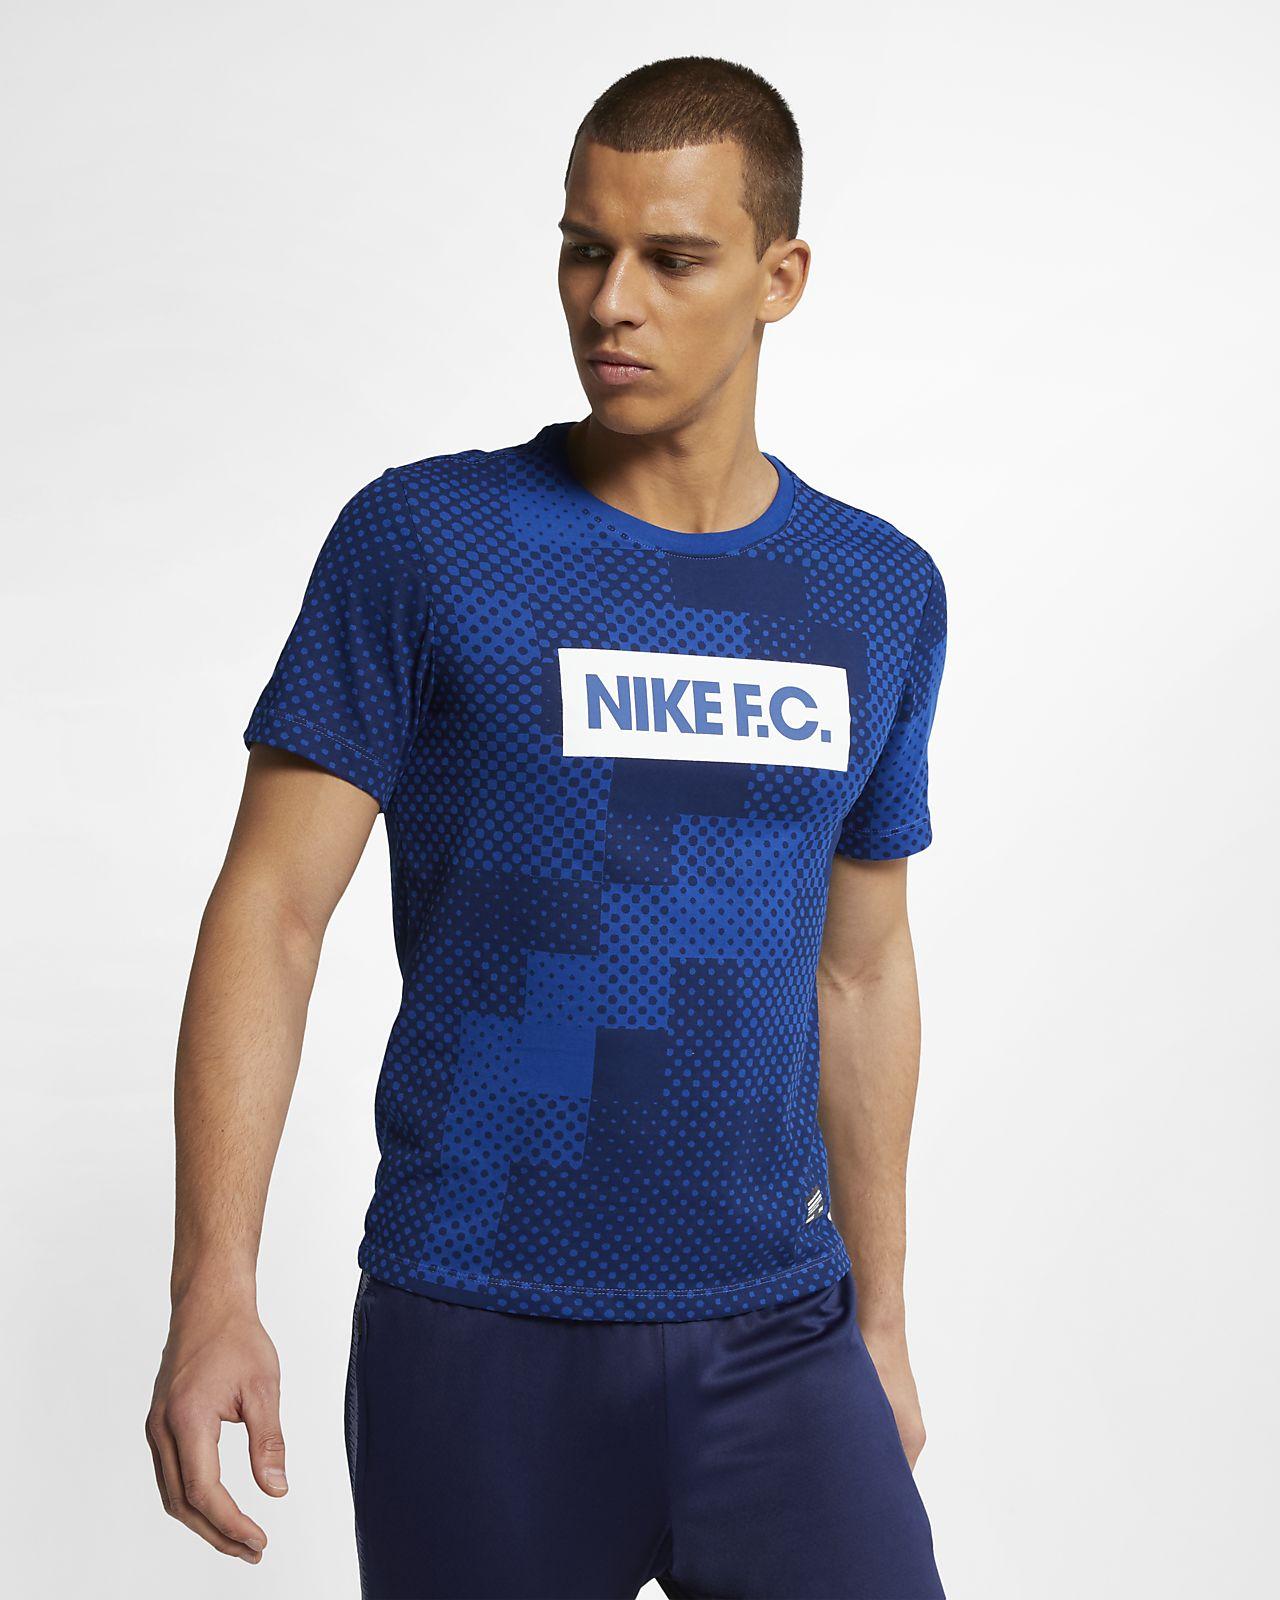 เสื้อยืดฟุตบอลผู้ชาย Nike Dri-FIT F.C.